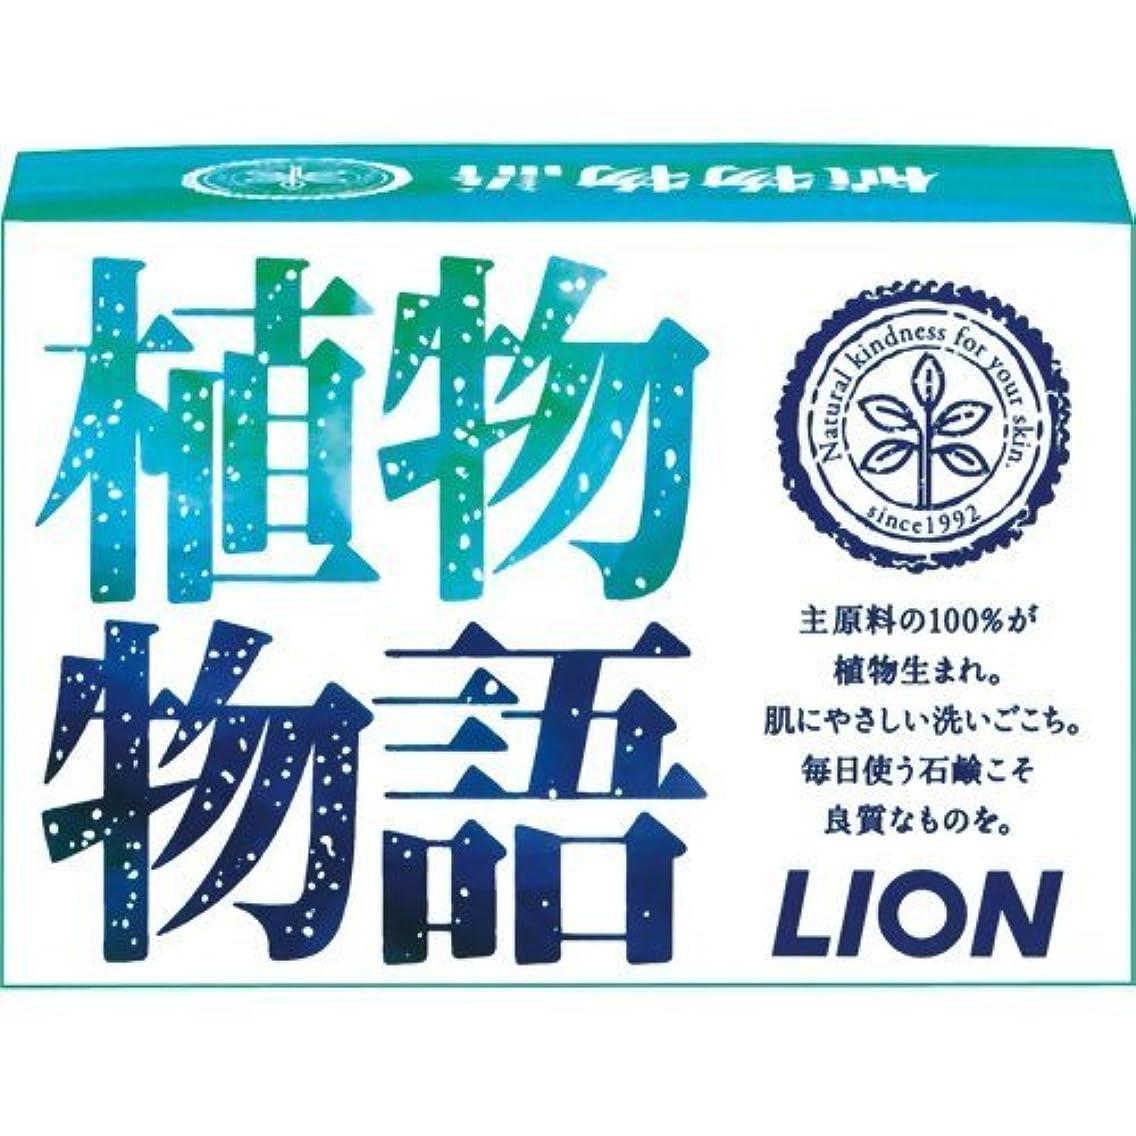 ライオン 植物物語 化粧石鹸  1個